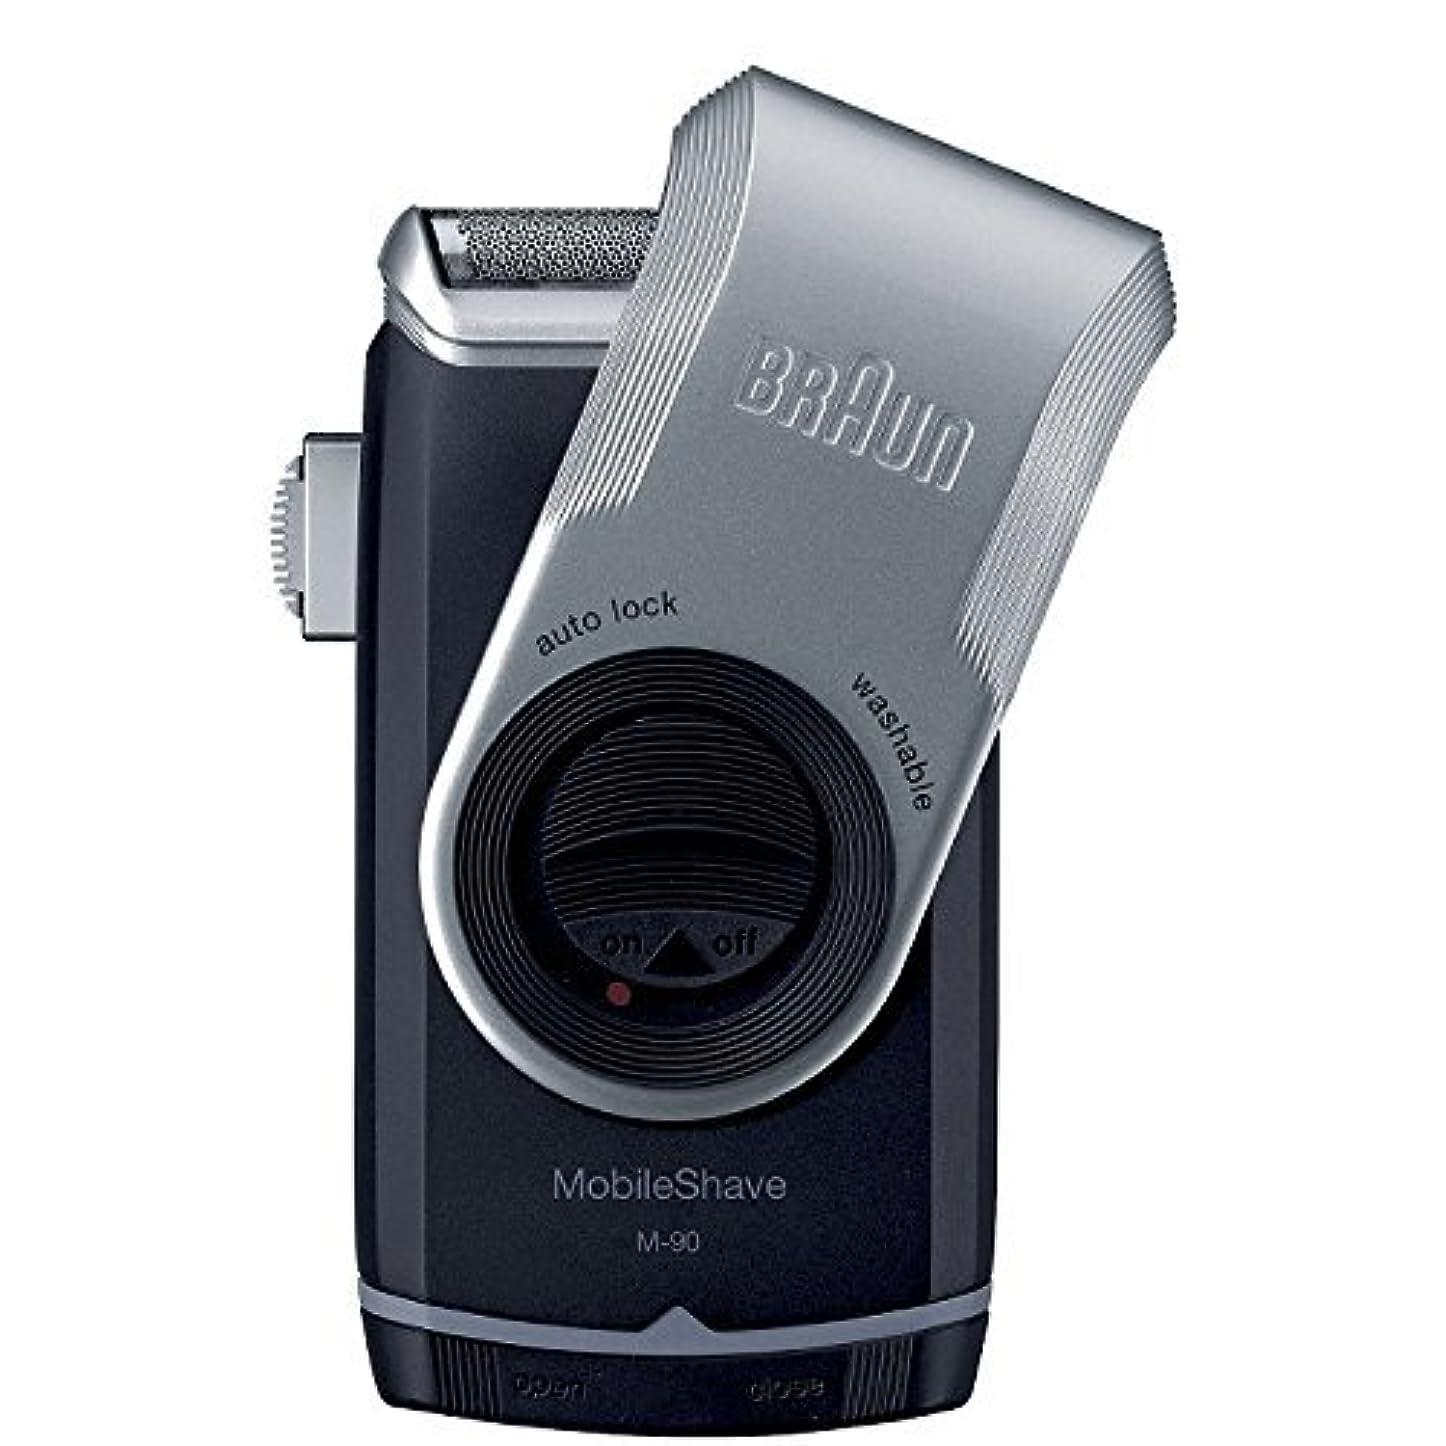 アソシエイトスポークスマンモバイルBraun M90 Pocketgo Mobileshave スマートホイルでポータブルシェーバー [並行輸入品]